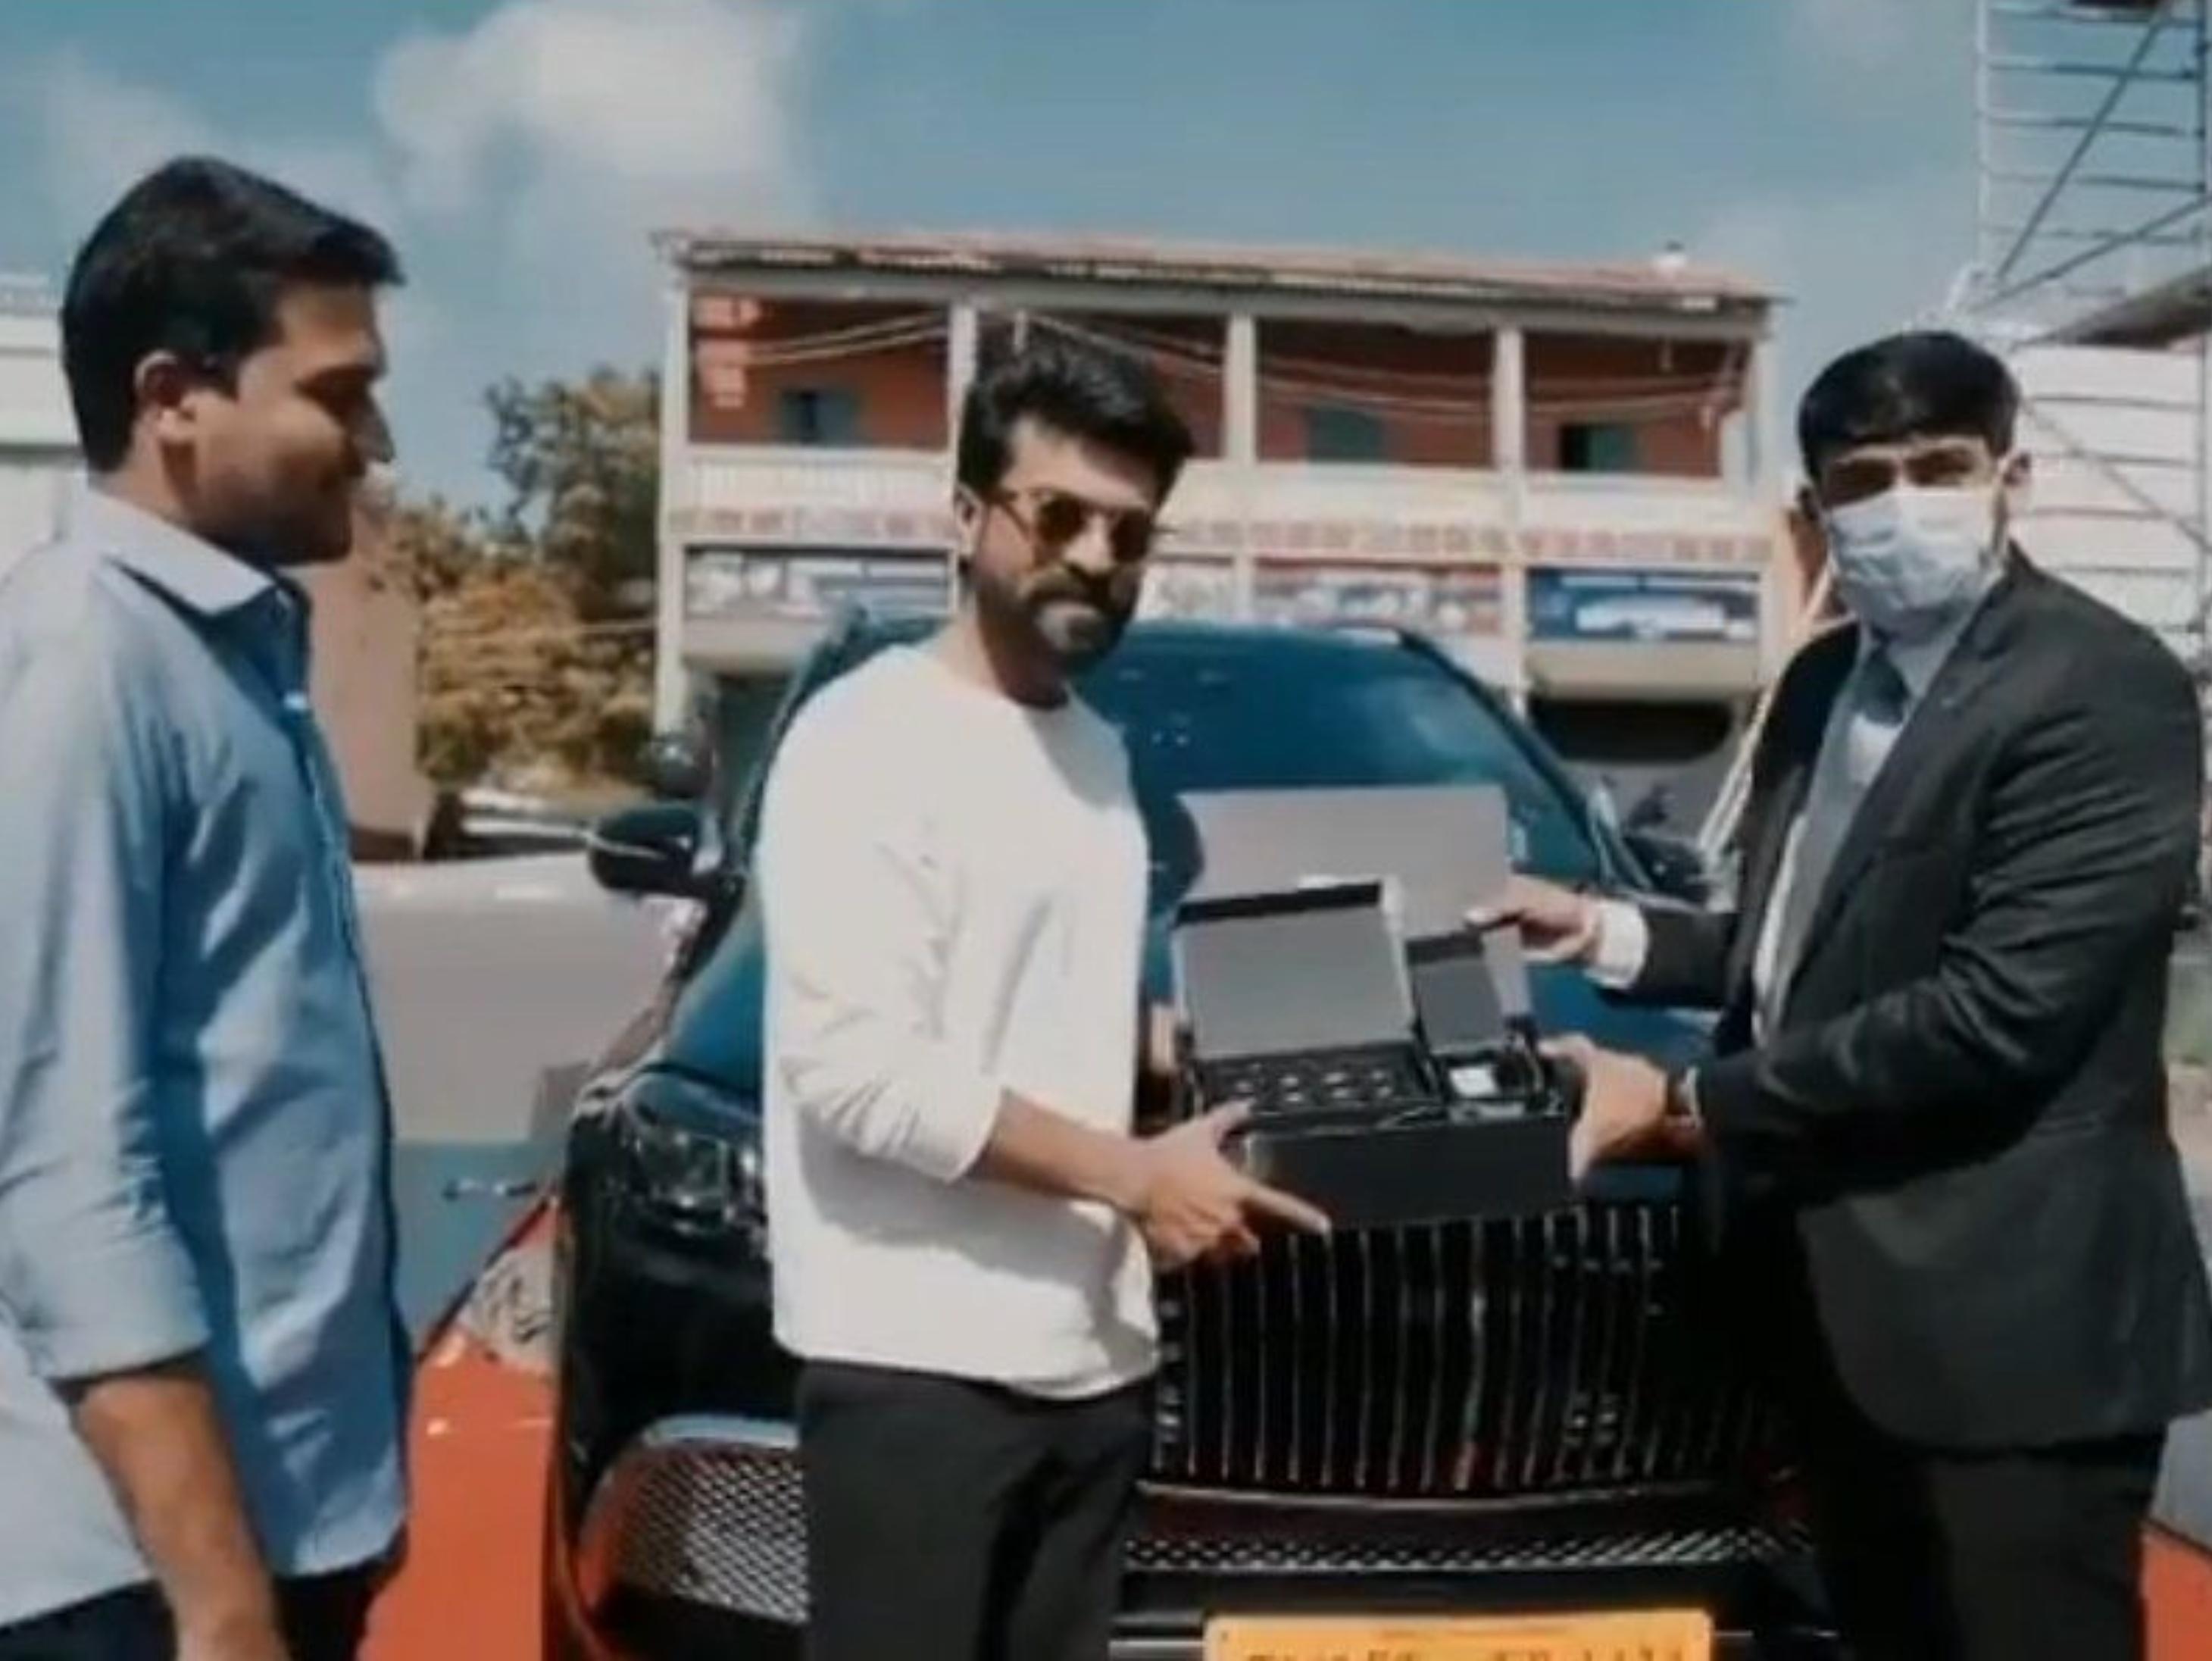 राम चरण ने खरीदी देश की पहली कस्टमाइज मर्सिडीज-बेंज मेबैक GLS600, इसकी कीमत 4 करोड़ रुपए है|बॉलीवुड,Entertainment - Dainik Bhaskar